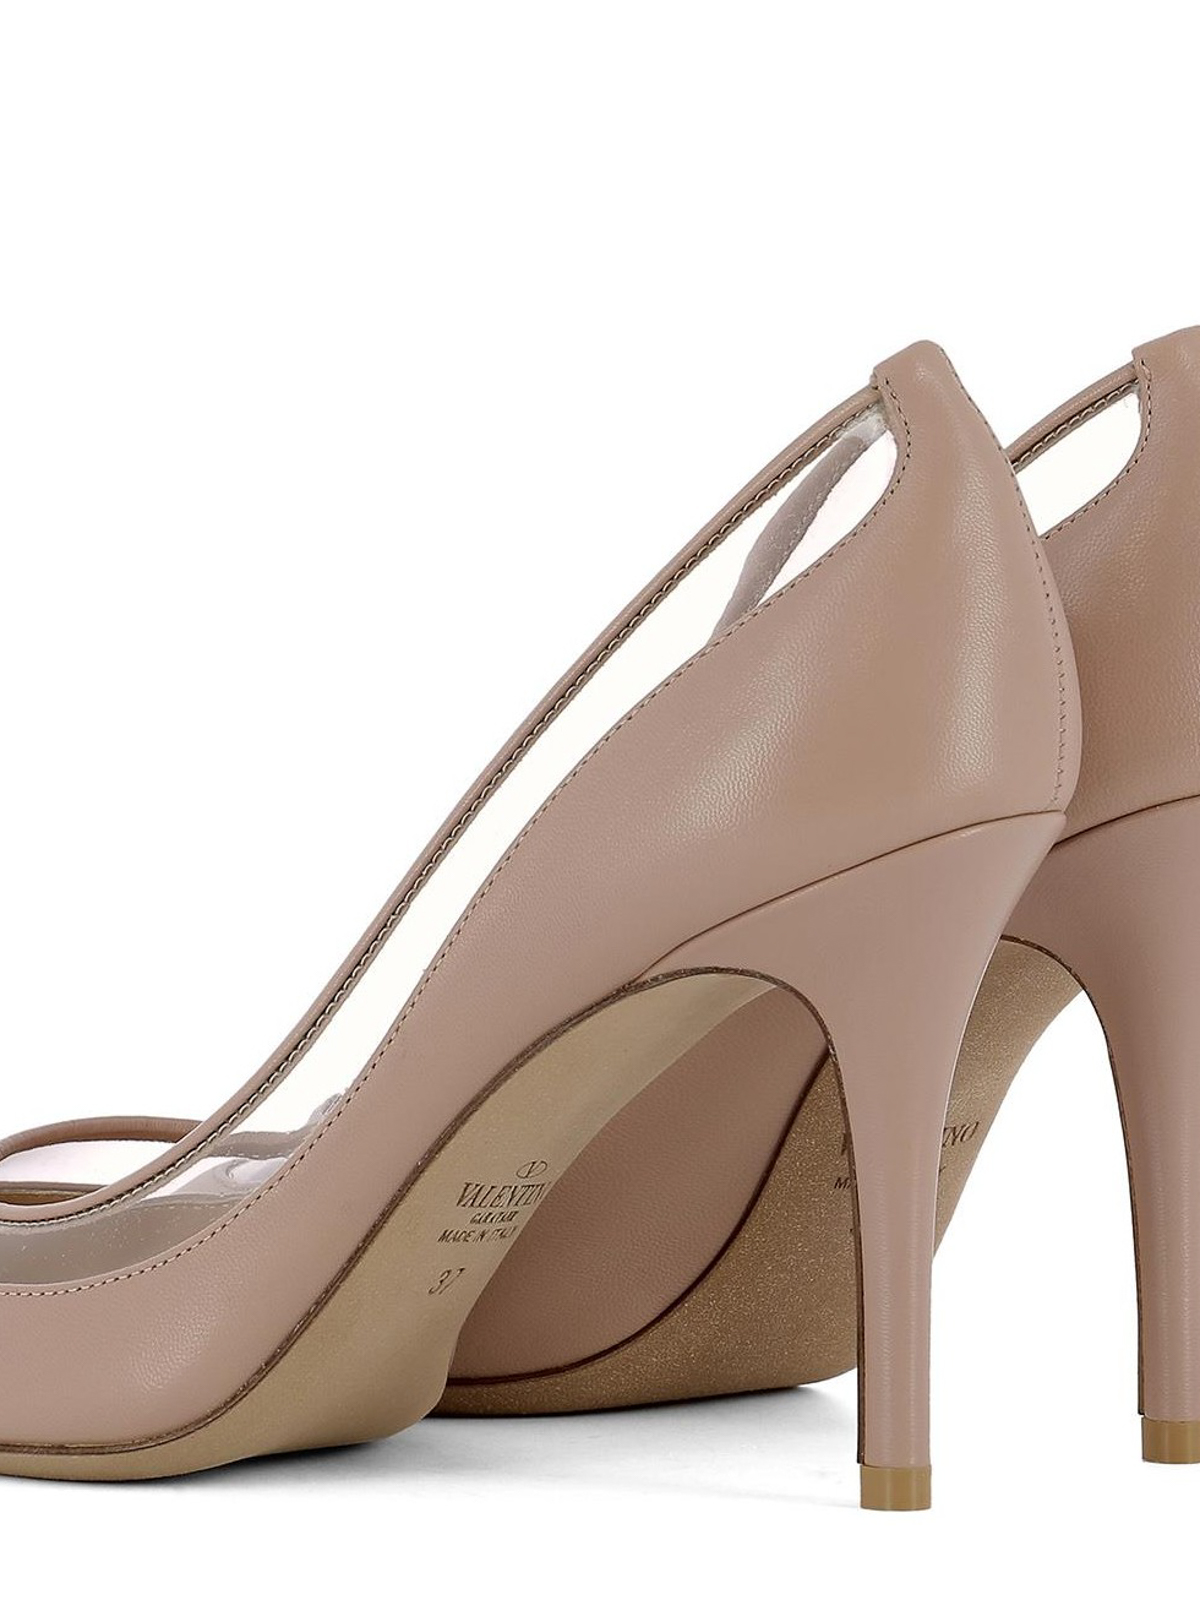 Escarpins Rose À Clair Garavani Chaussures Talon Valentino nwIzYqfT bdc5c1bc9b9a